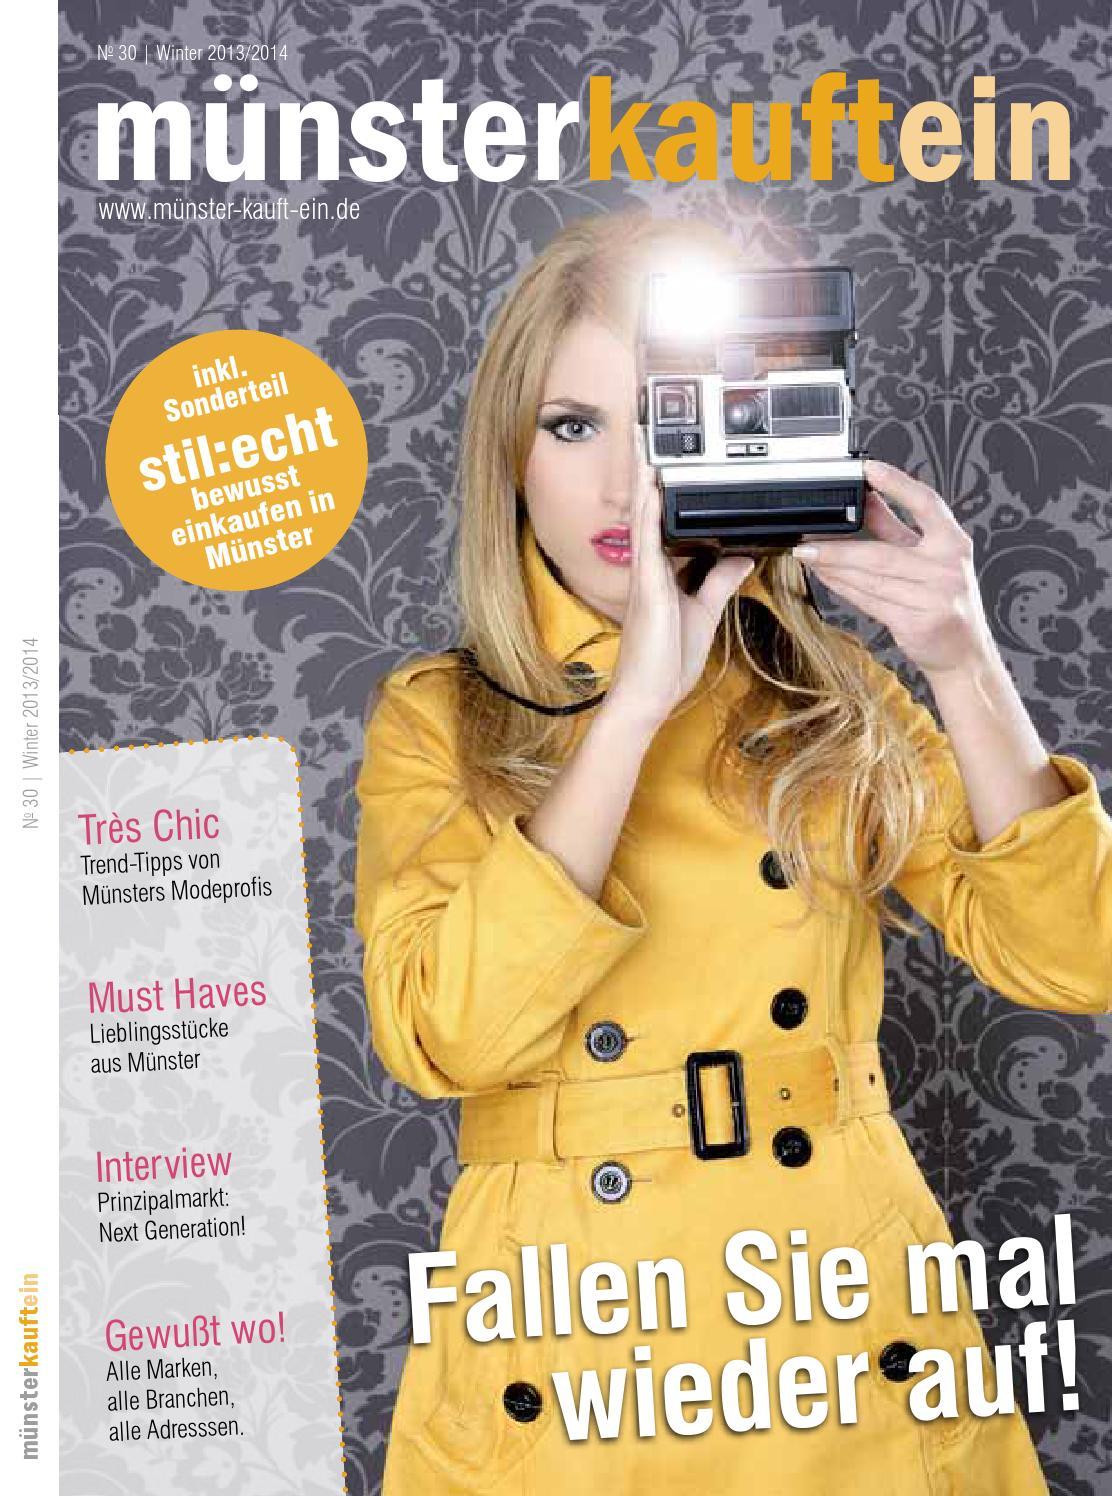 Münster By Tips Verlag Ein Issuu Gmbh Kauft 0ZN8wXOnPk